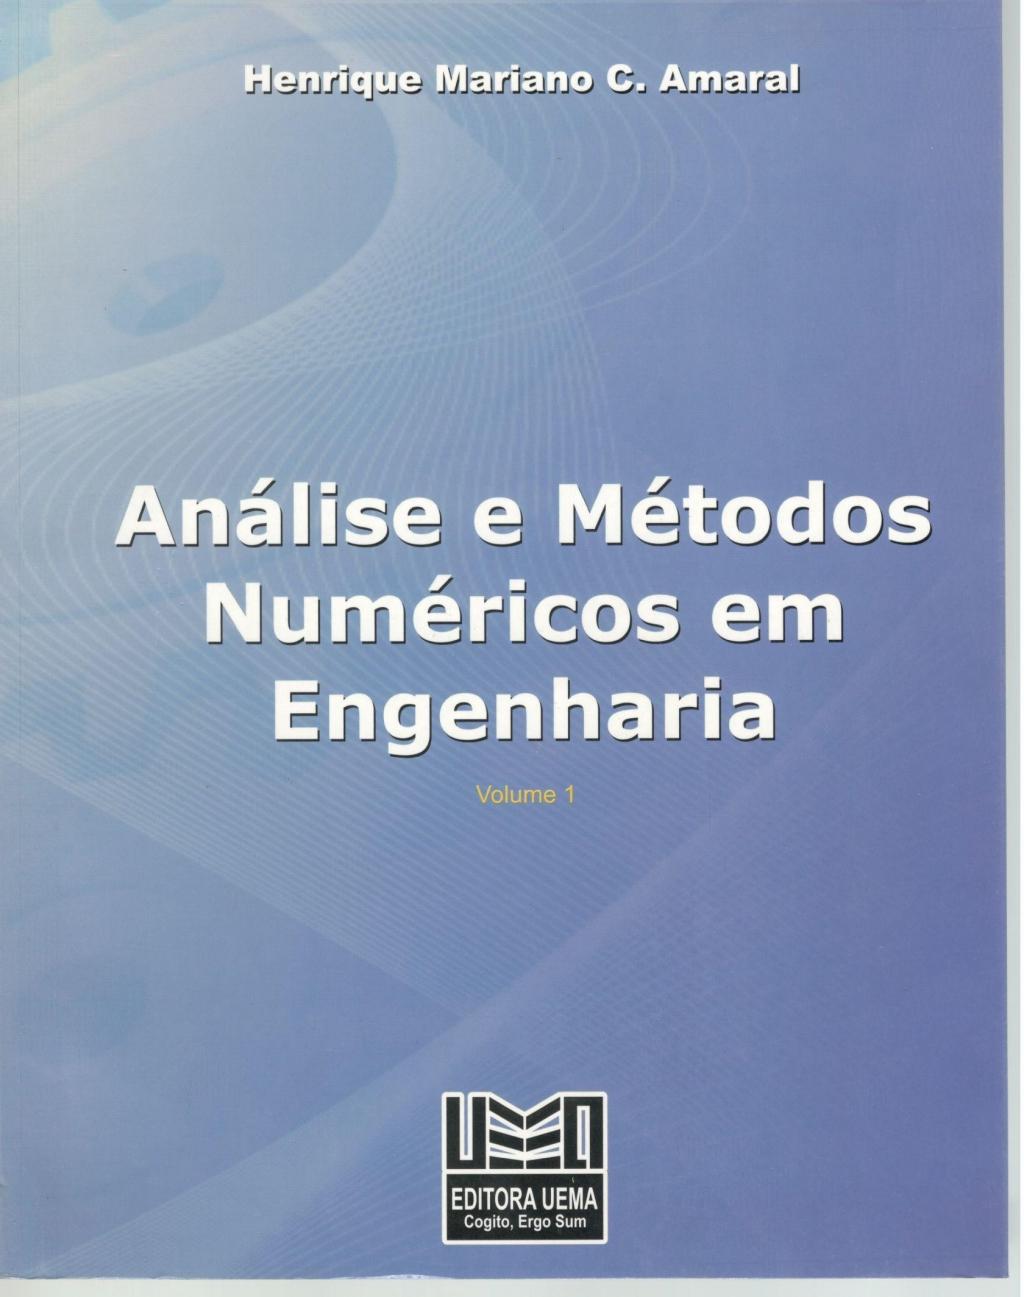 Análise e métodos numéricos em engenharia